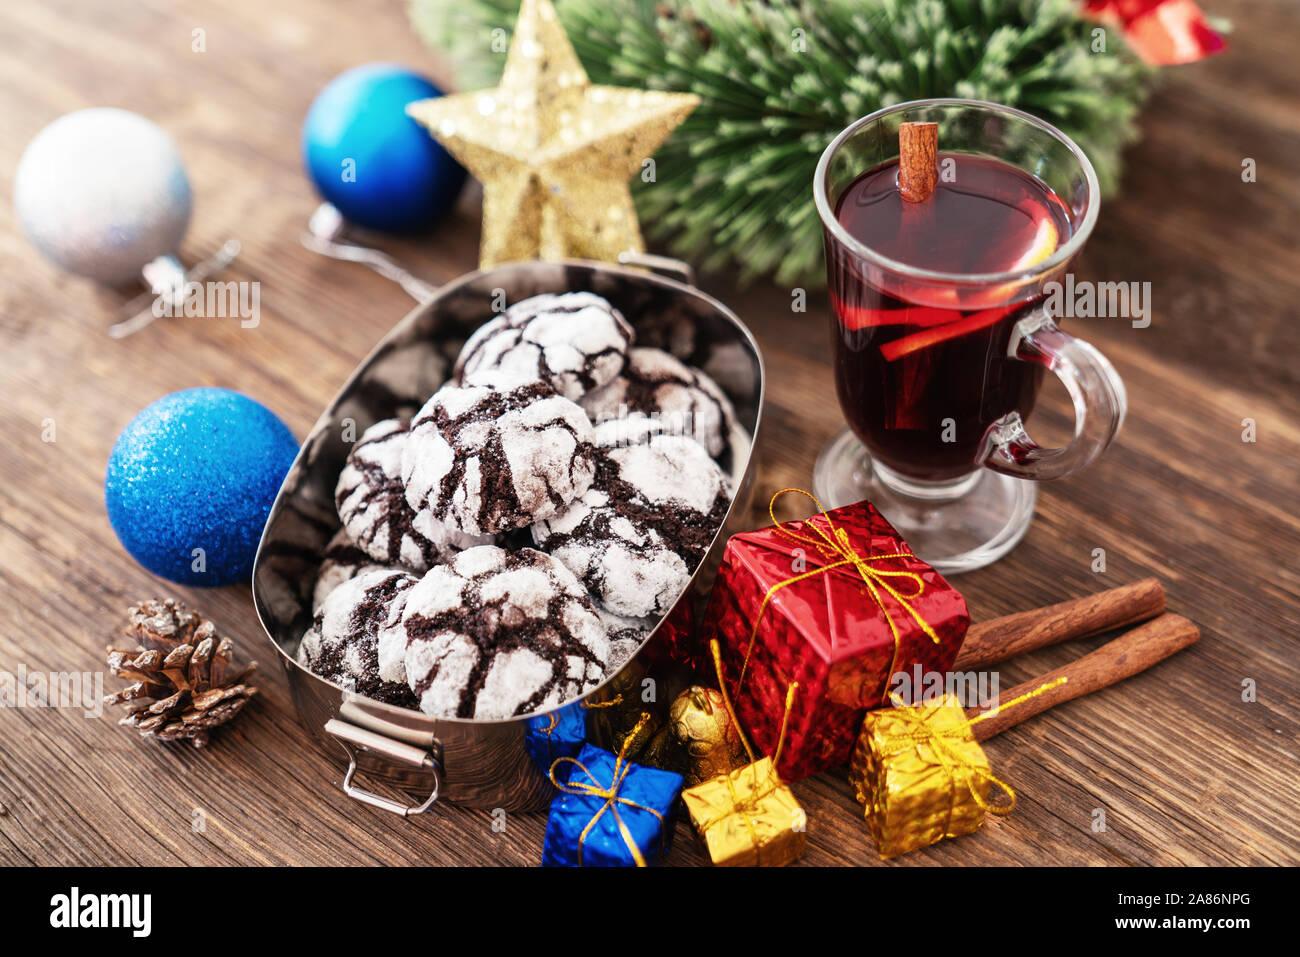 Perparing traditionelle Plätzchen und Glühwein oder Glühwein für das neue Jahr feiern. Stockfoto